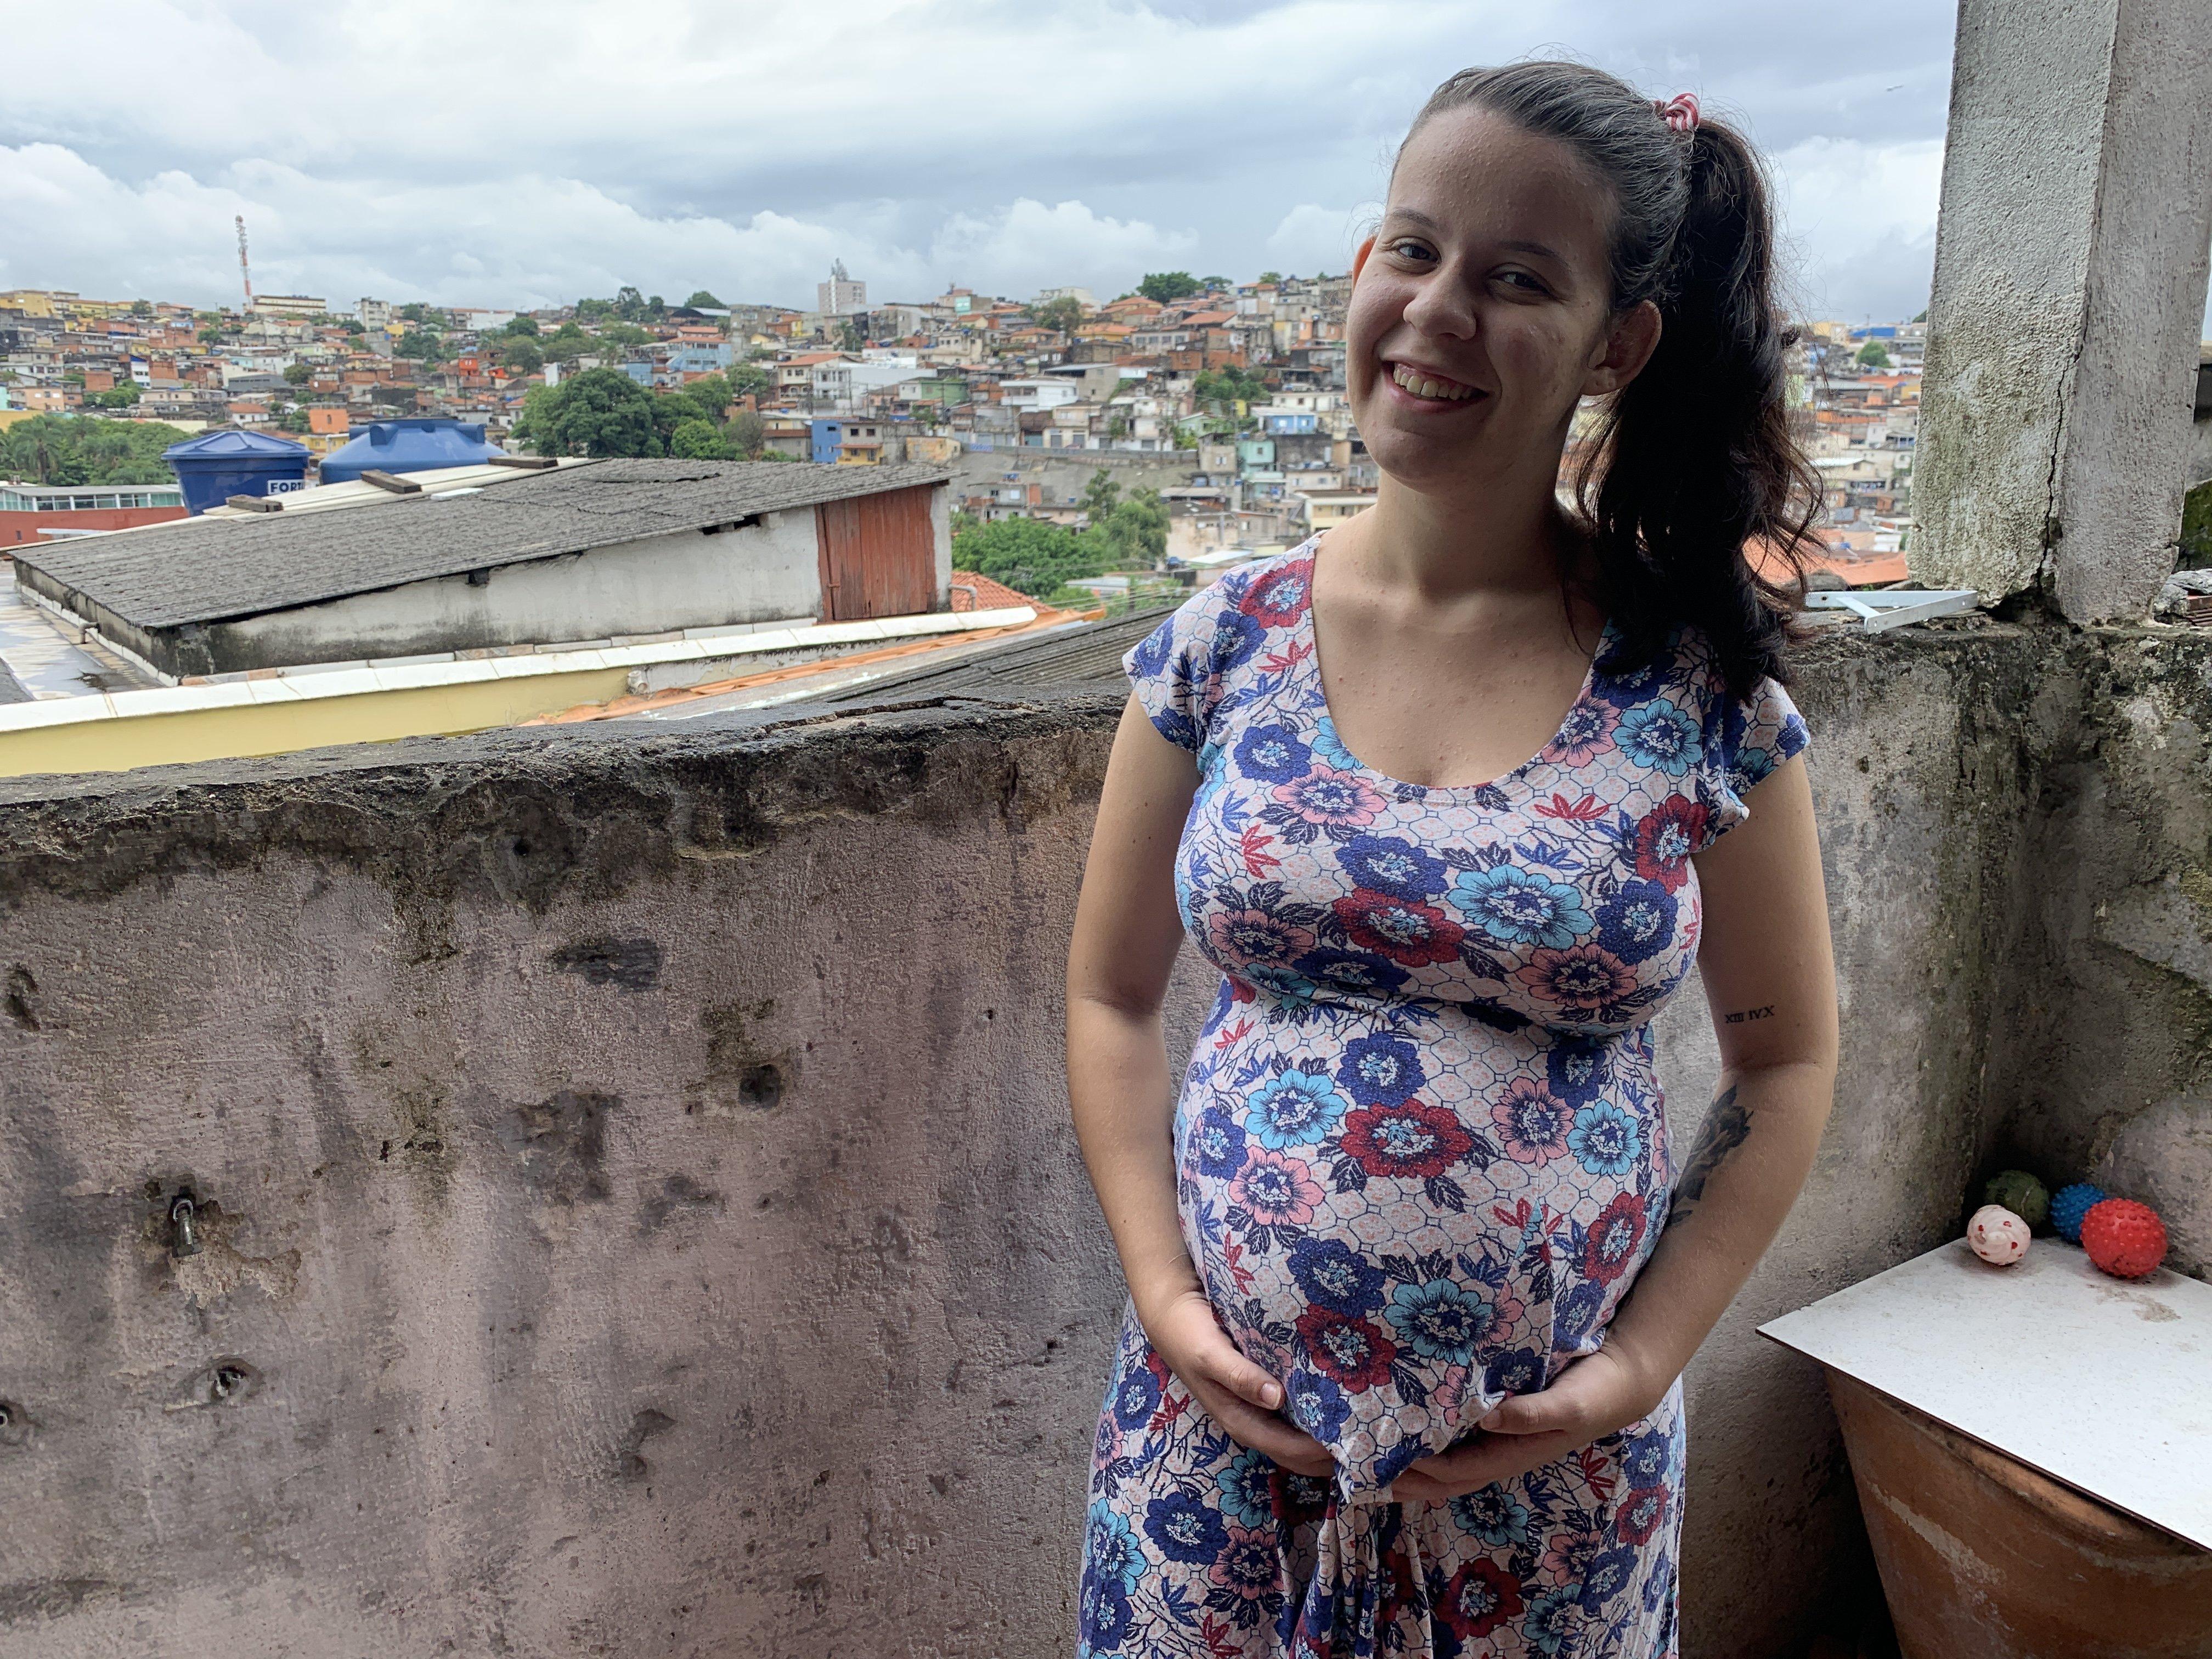 Vitória Maria de Oliveira sonríe para la cámara.